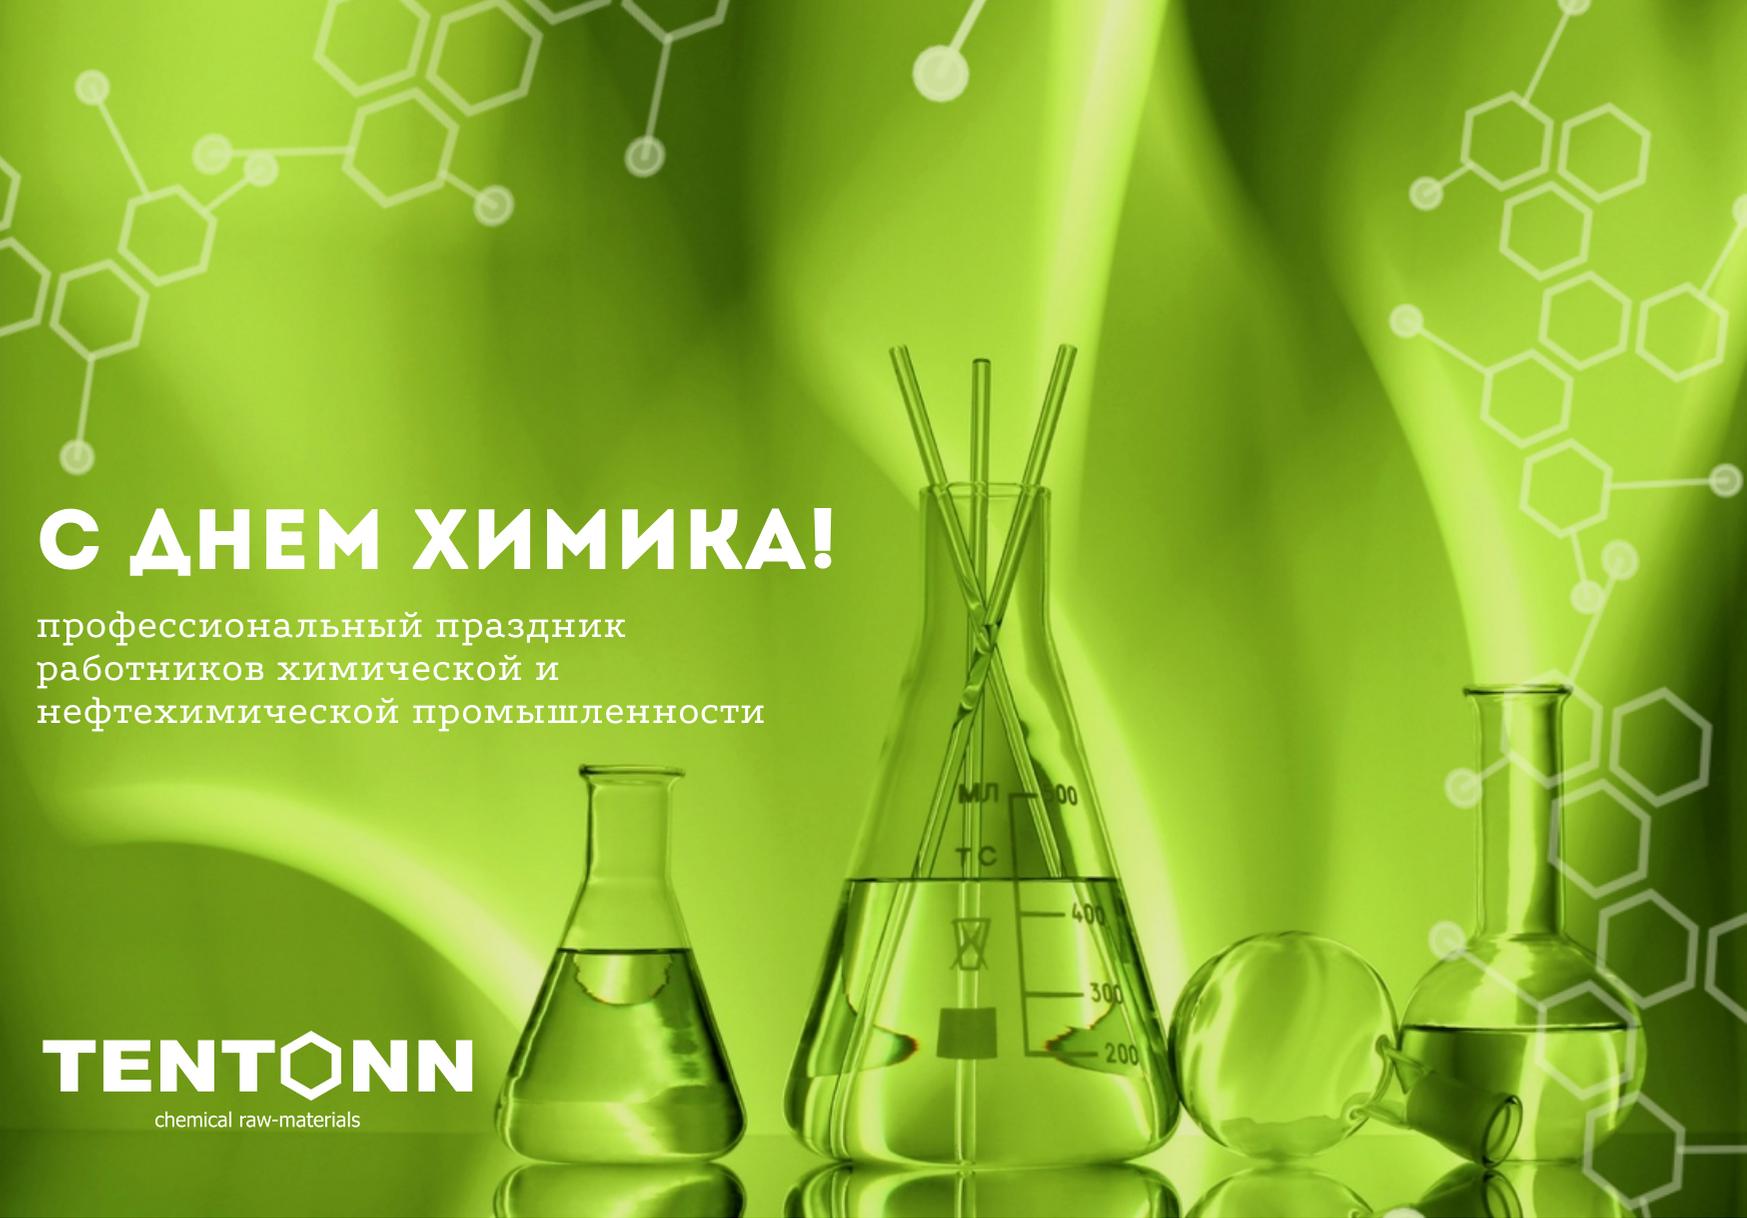 TENTONN поздравляет с Днем химика!